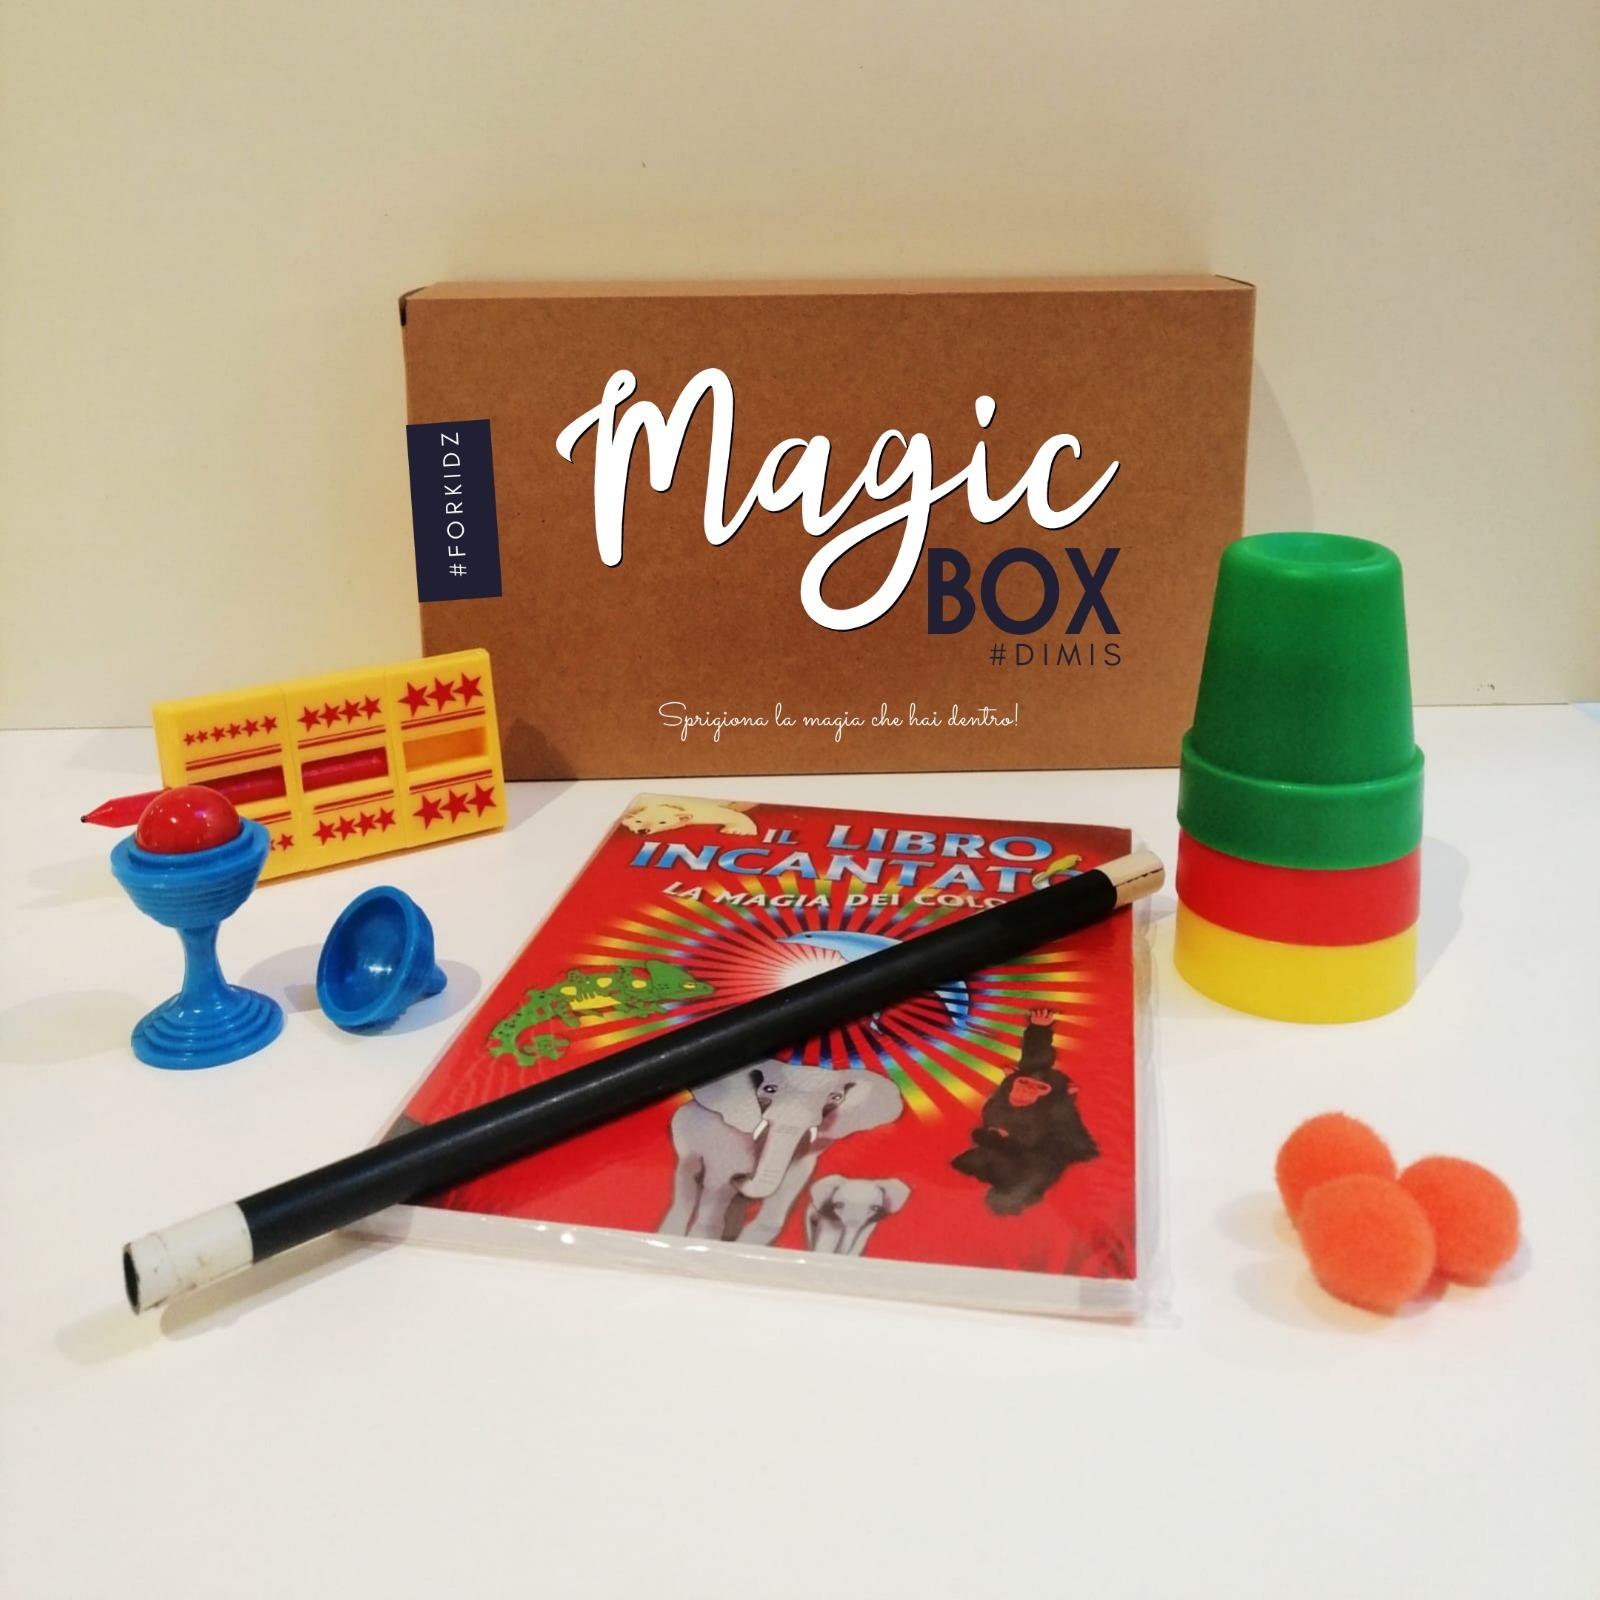 magicboxforkids-1606415112.jpeg